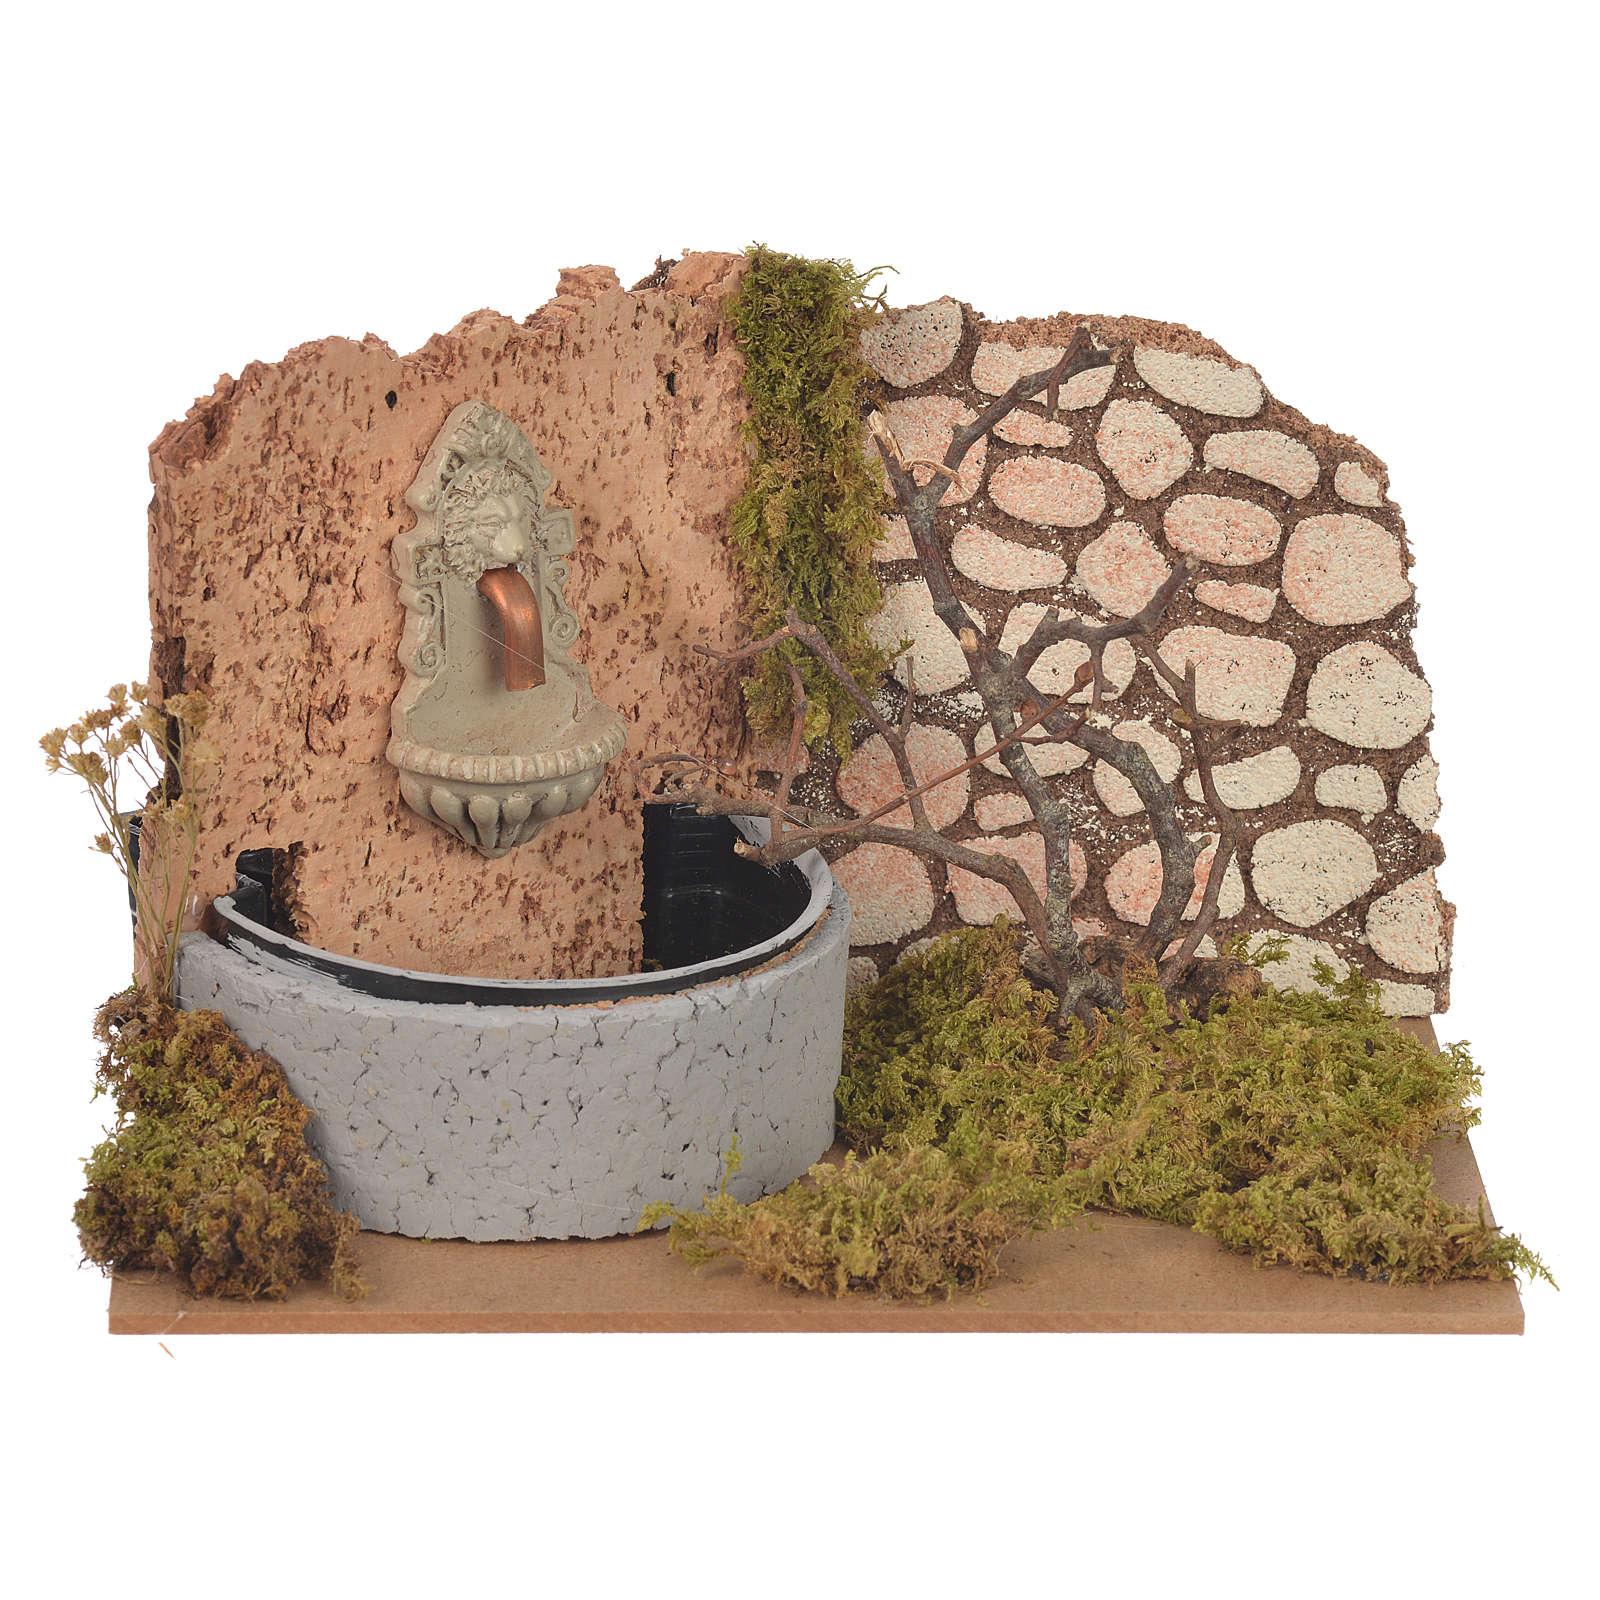 Fontana con pompa elettrica 14x20x12 cm 4